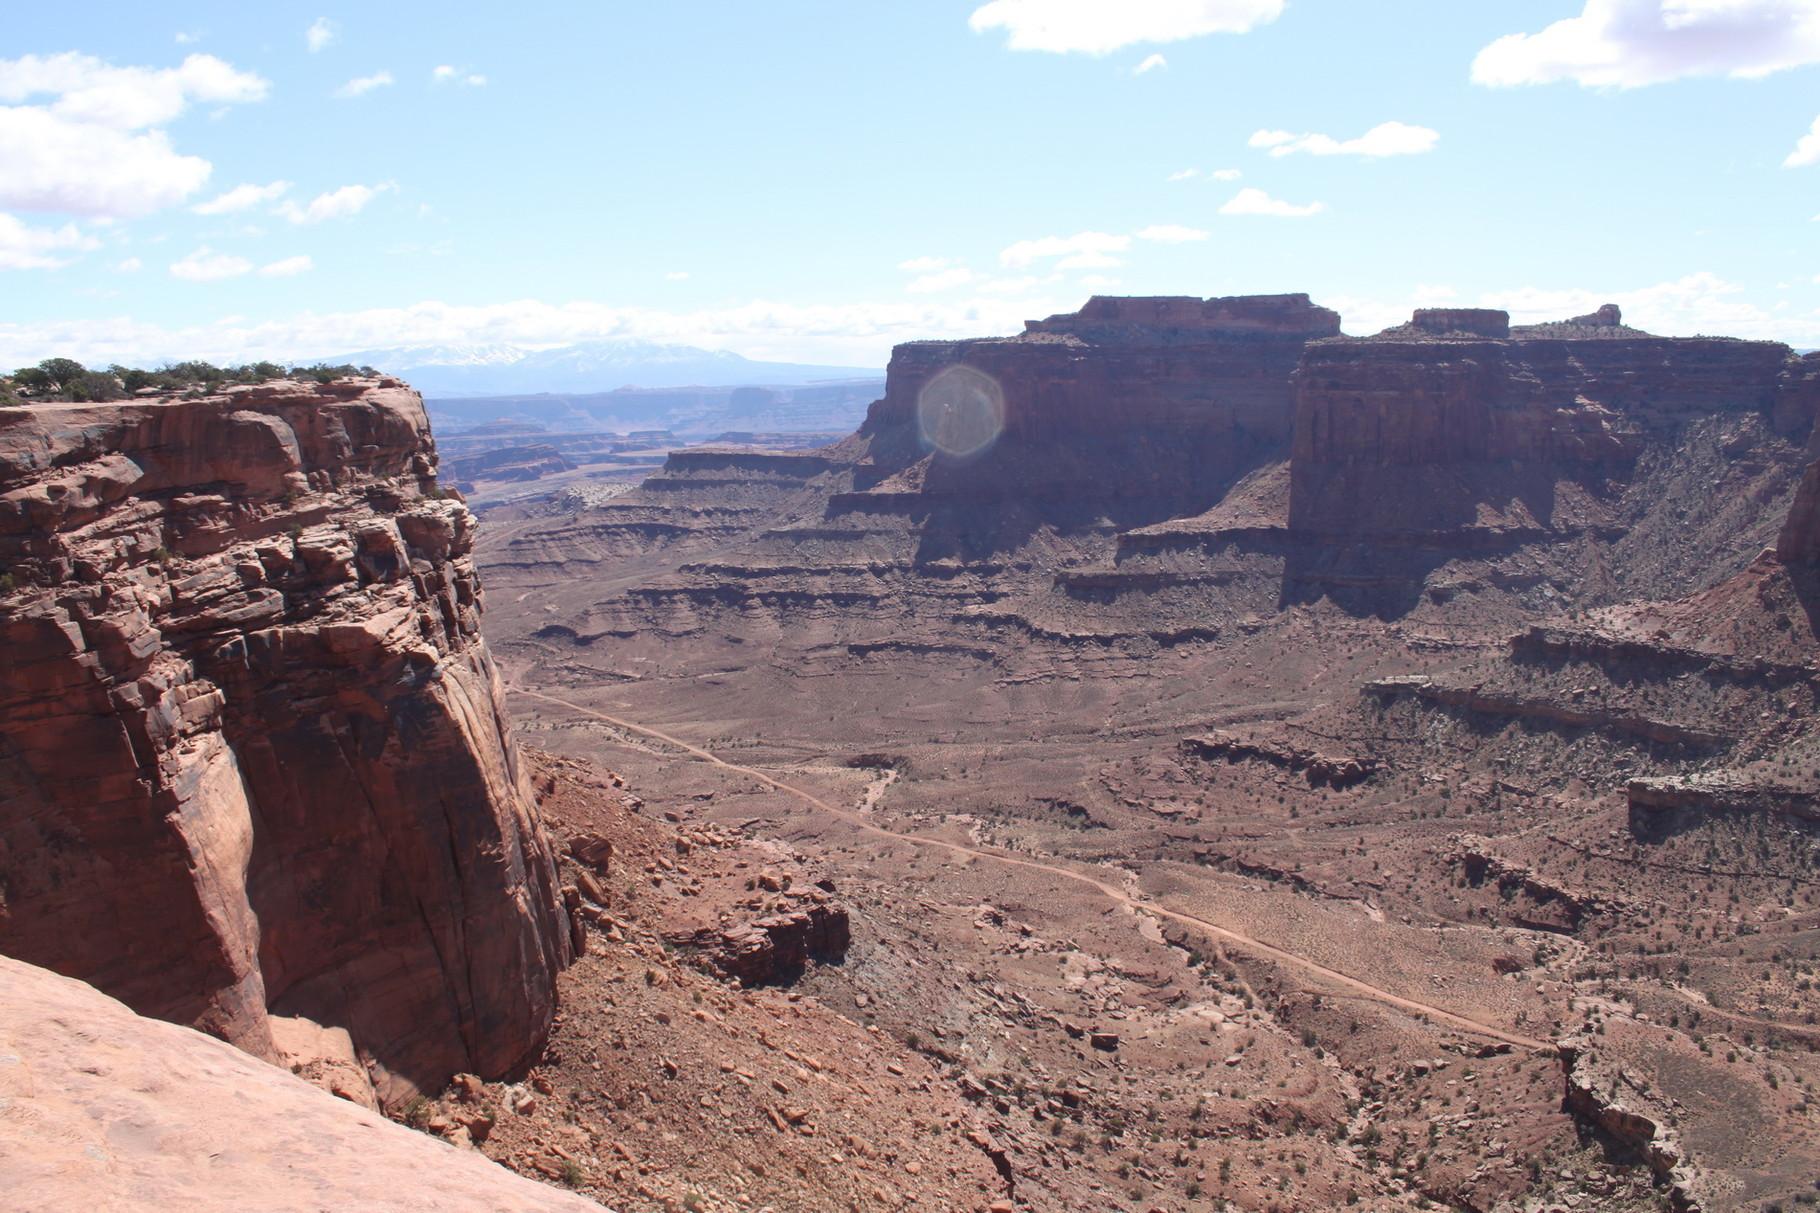 Der Canyonausblick - dort fahre ich gleich hin